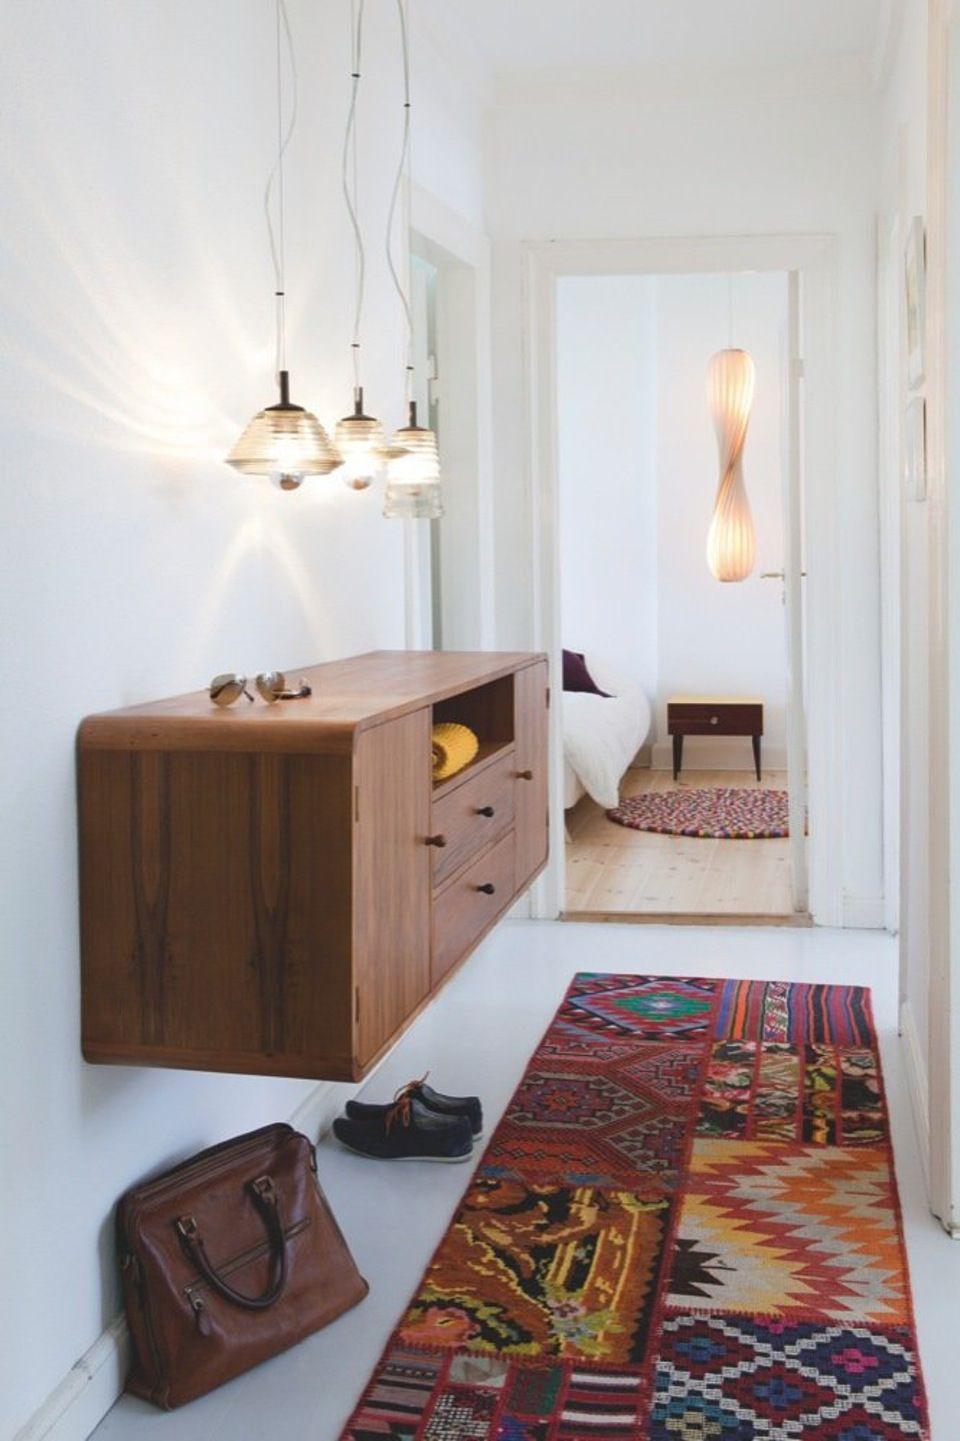 decoracion interiores marsala pantone alfombra texturas